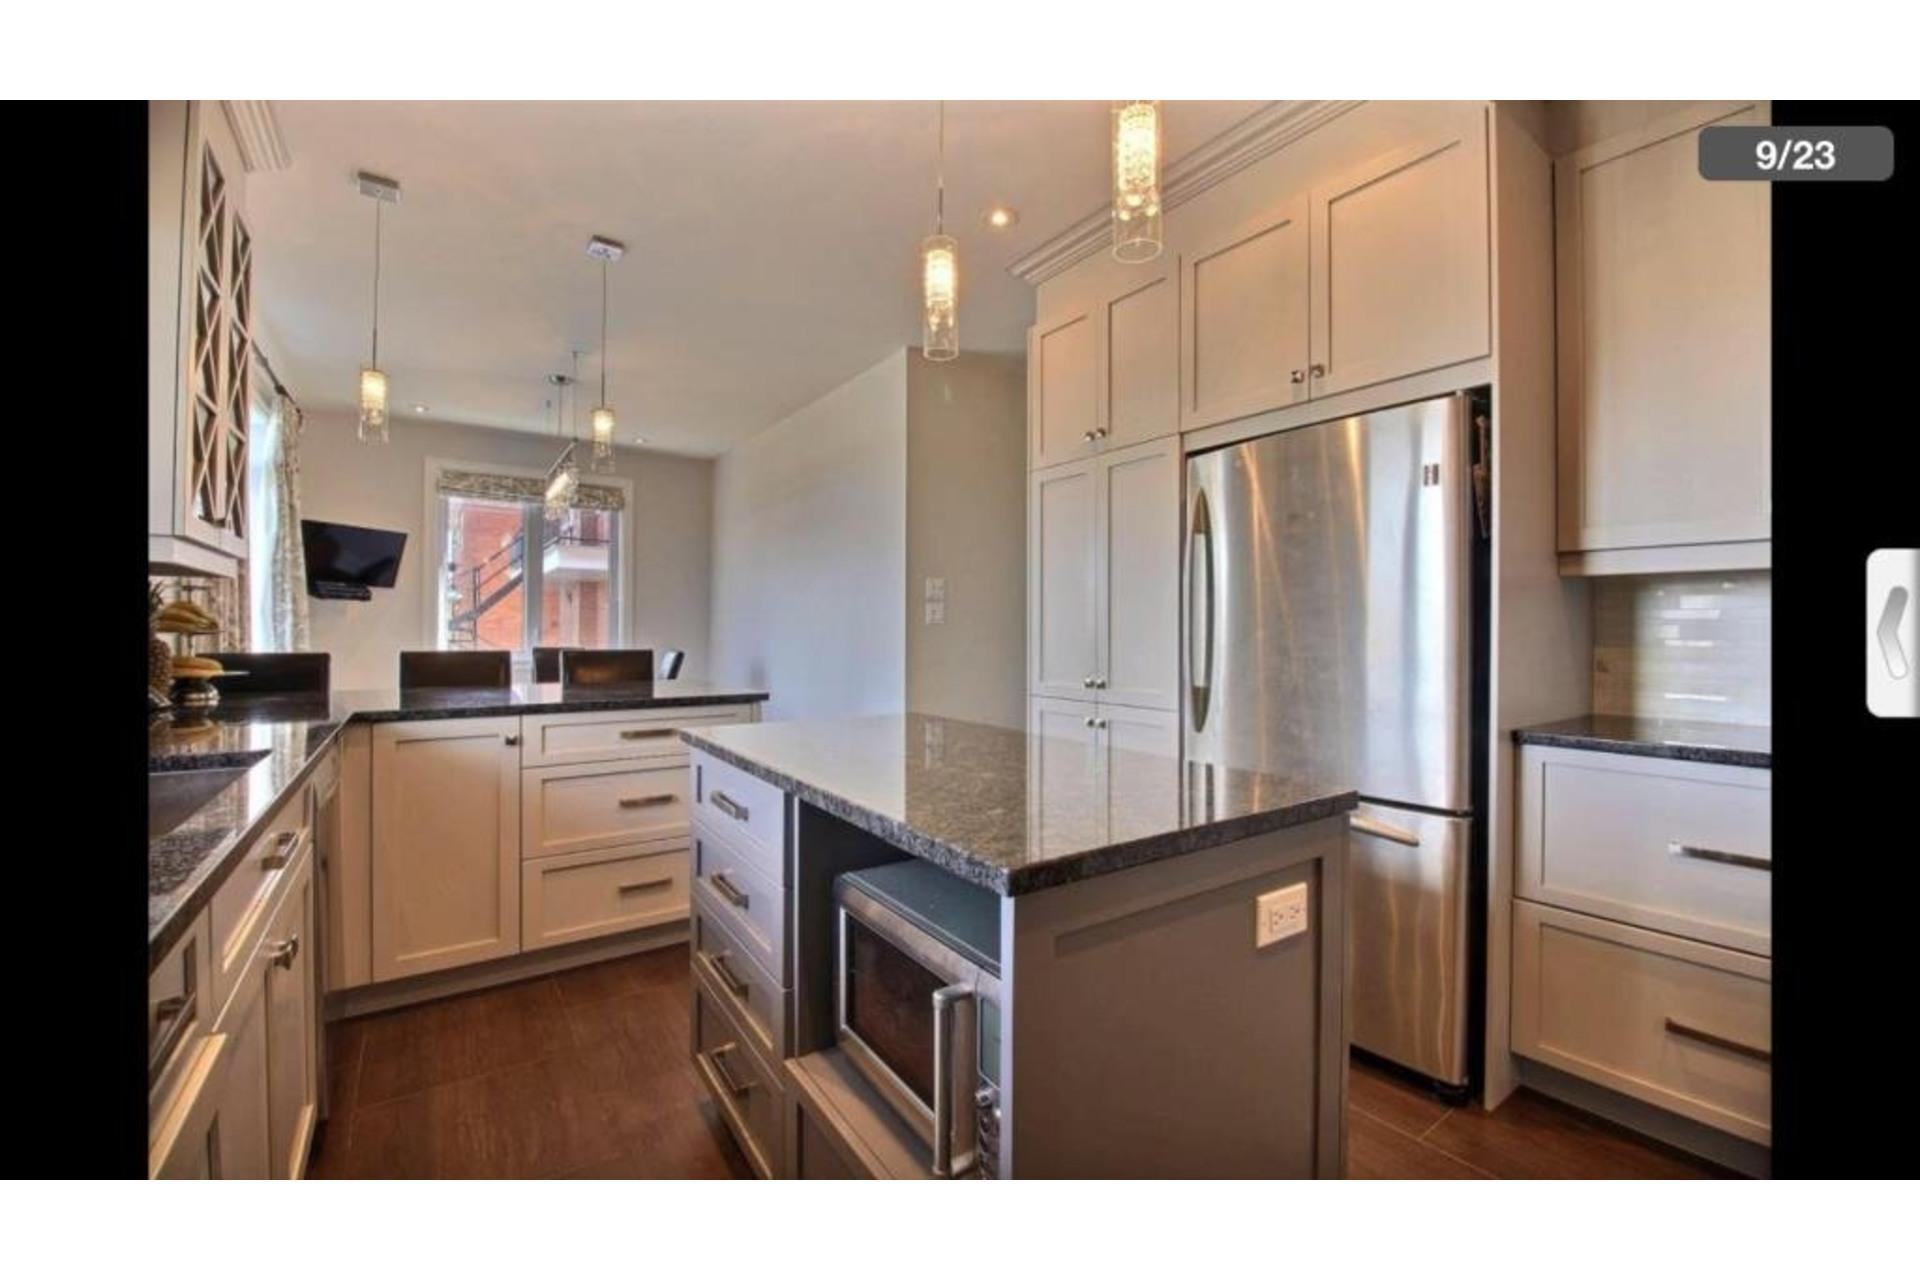 image 6 - Apartment For rent Saint-Laurent Montréal  - 10 rooms